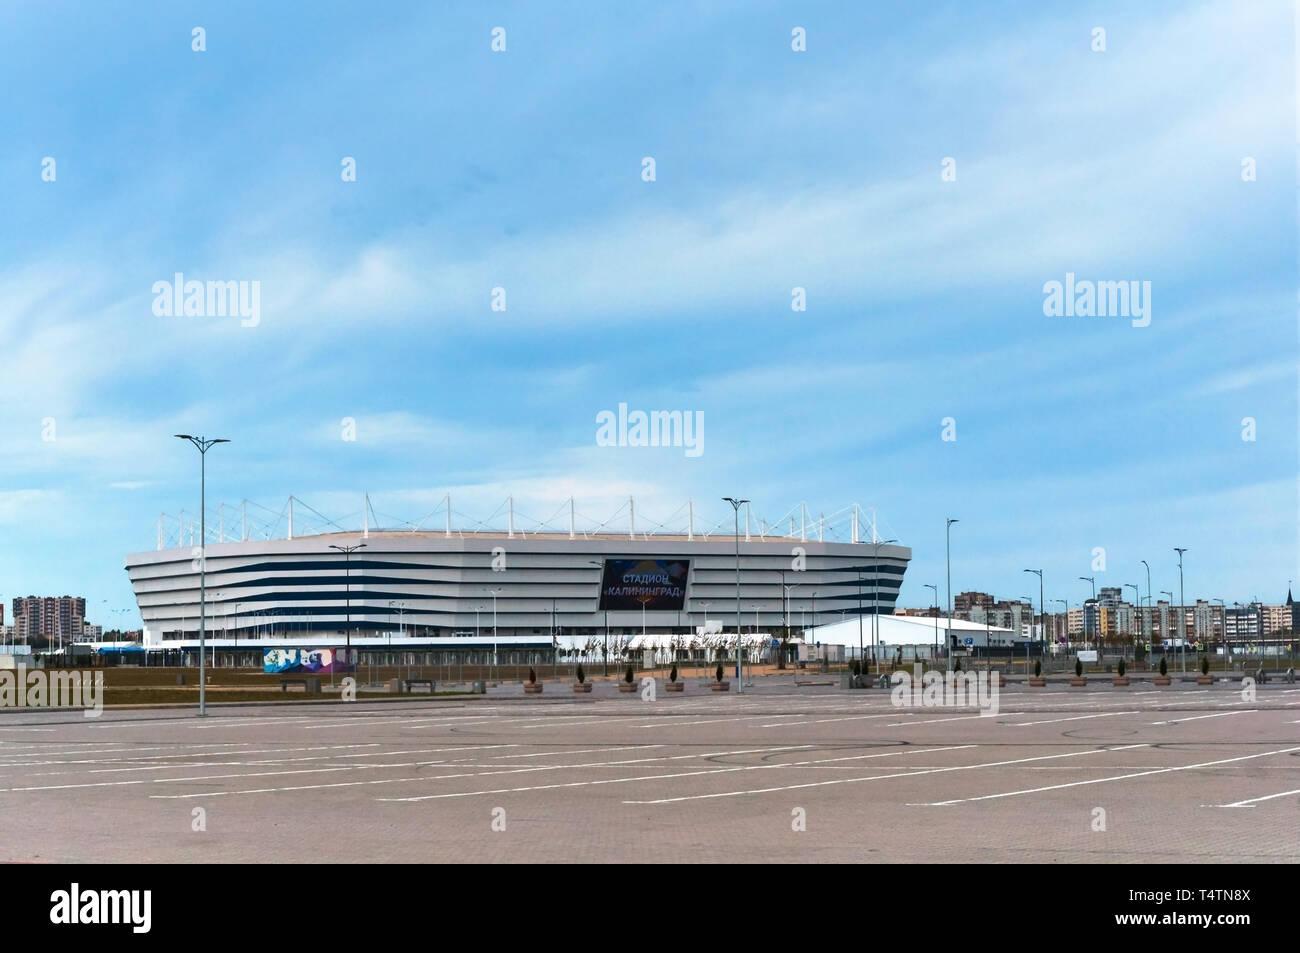 Moderno impianto sportivo, lo stadio di calcio, Kaliningrad, Russia, 30 Settembre 2019 Immagini Stock